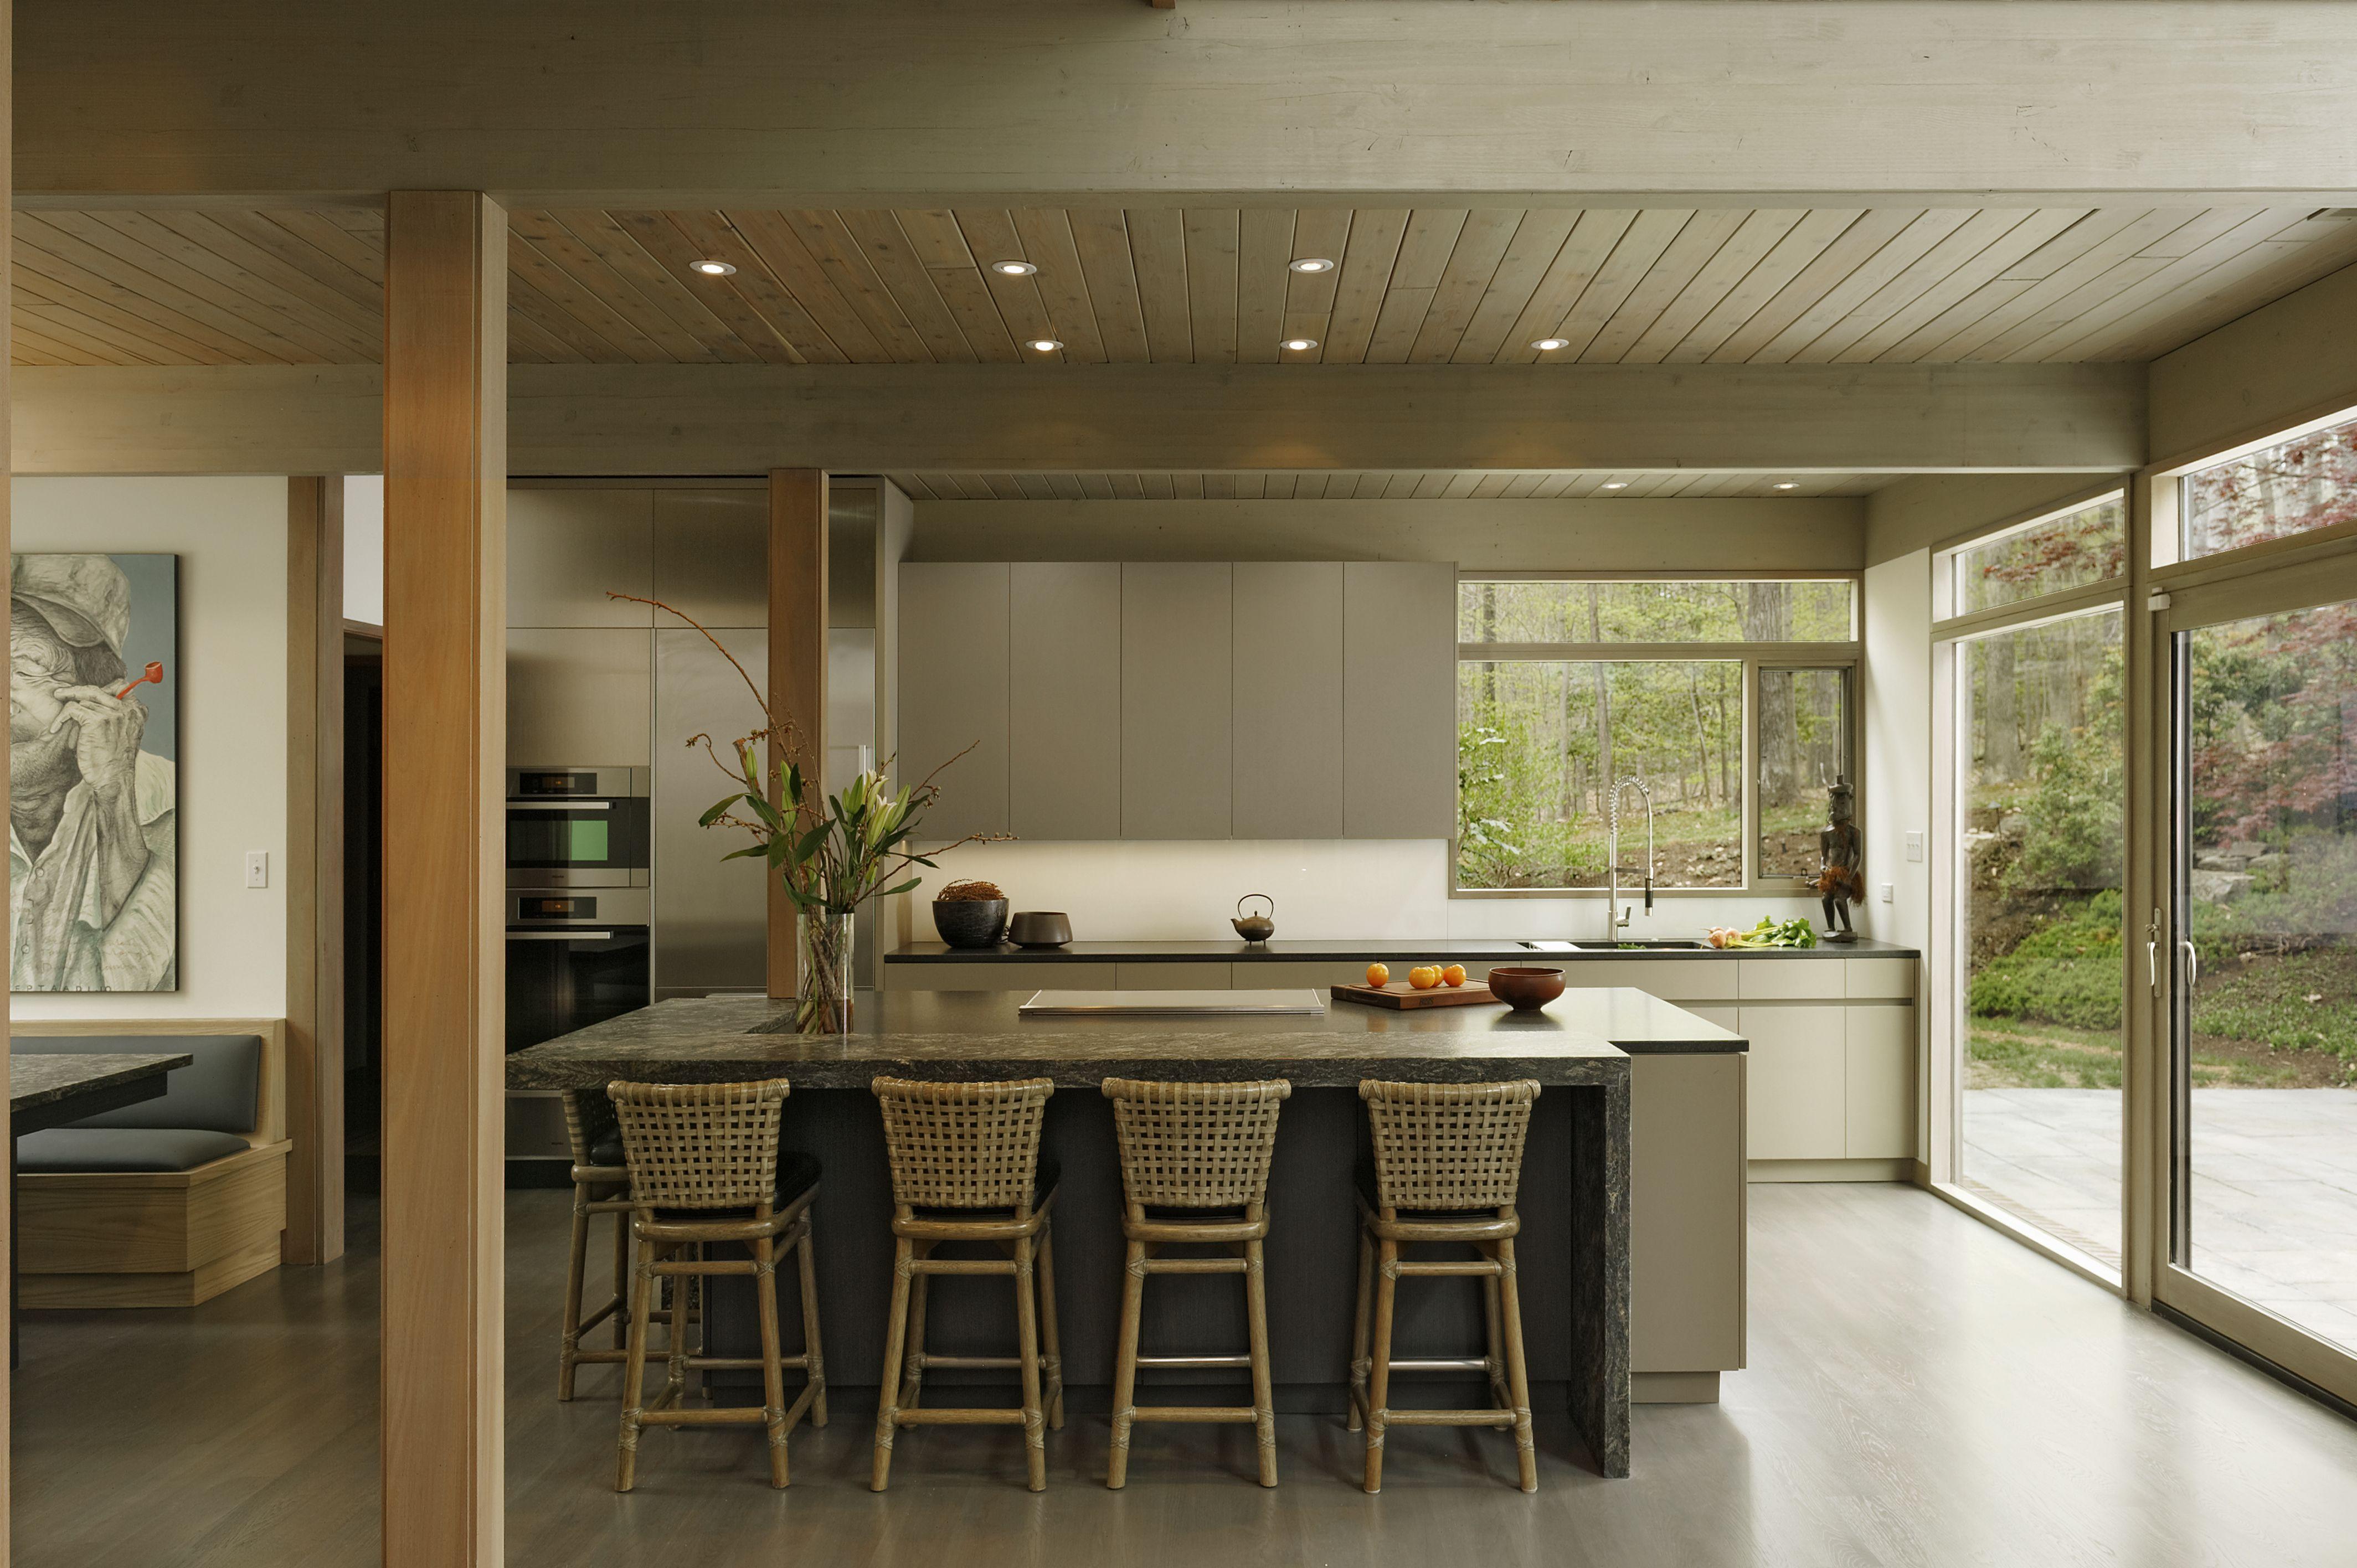 Bonito Ideas De Diseño De La Cocina Nz Imagen - Como Decorar la ...